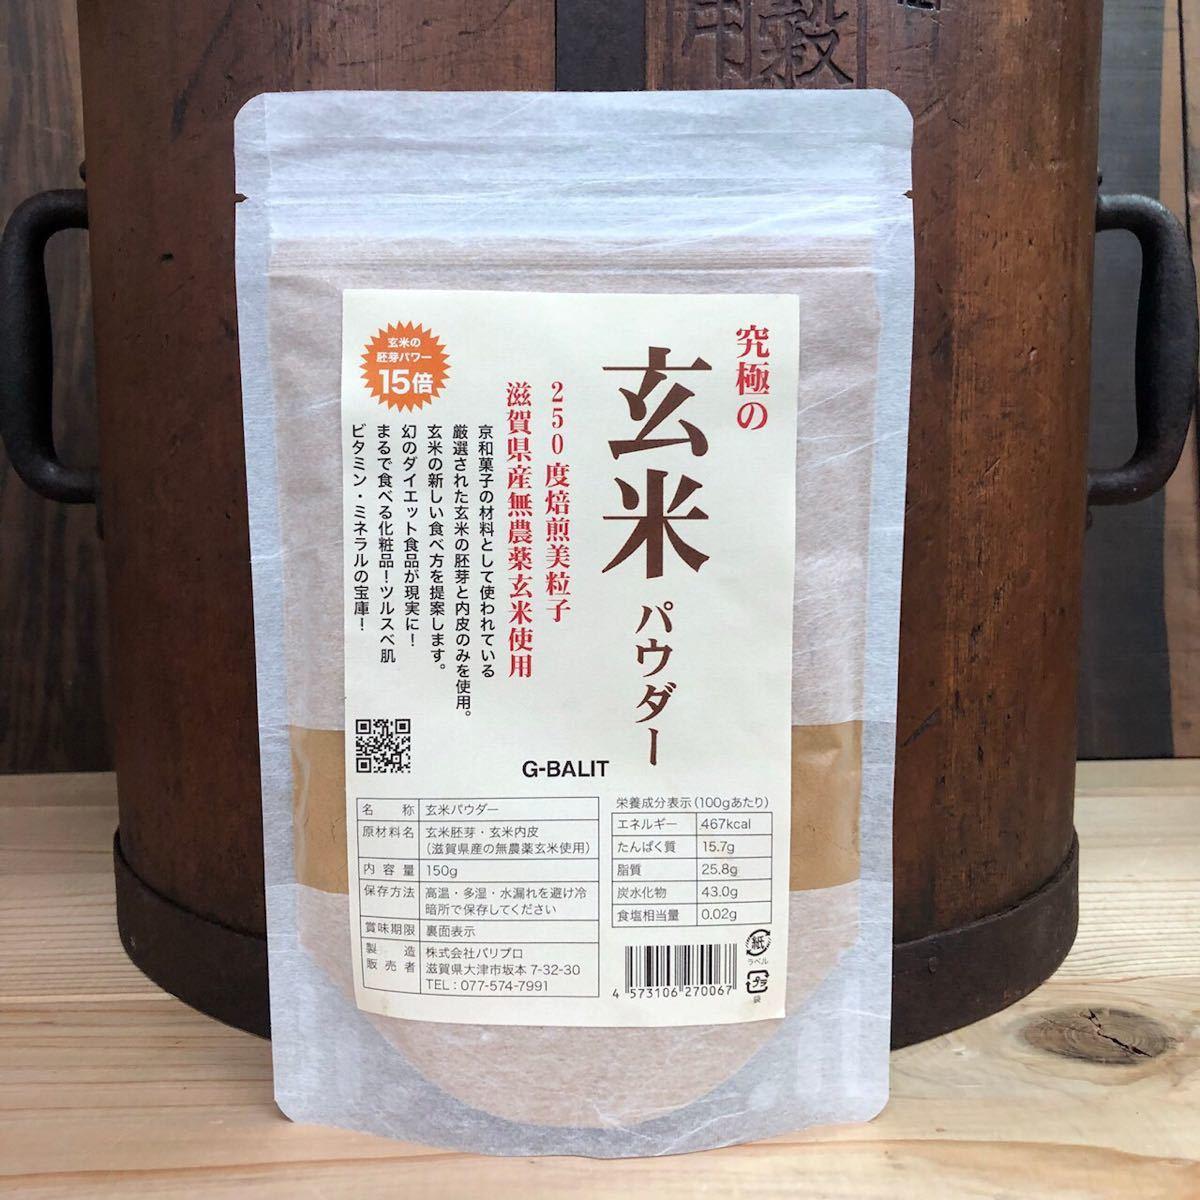 究極の玄米パウダー 300g 滋賀県産無農薬玄米使用 美粒子タイプ 玄米 玄米粉 無糖 無添加 ビタミン 無着色 無香料 UP HADOO_画像1